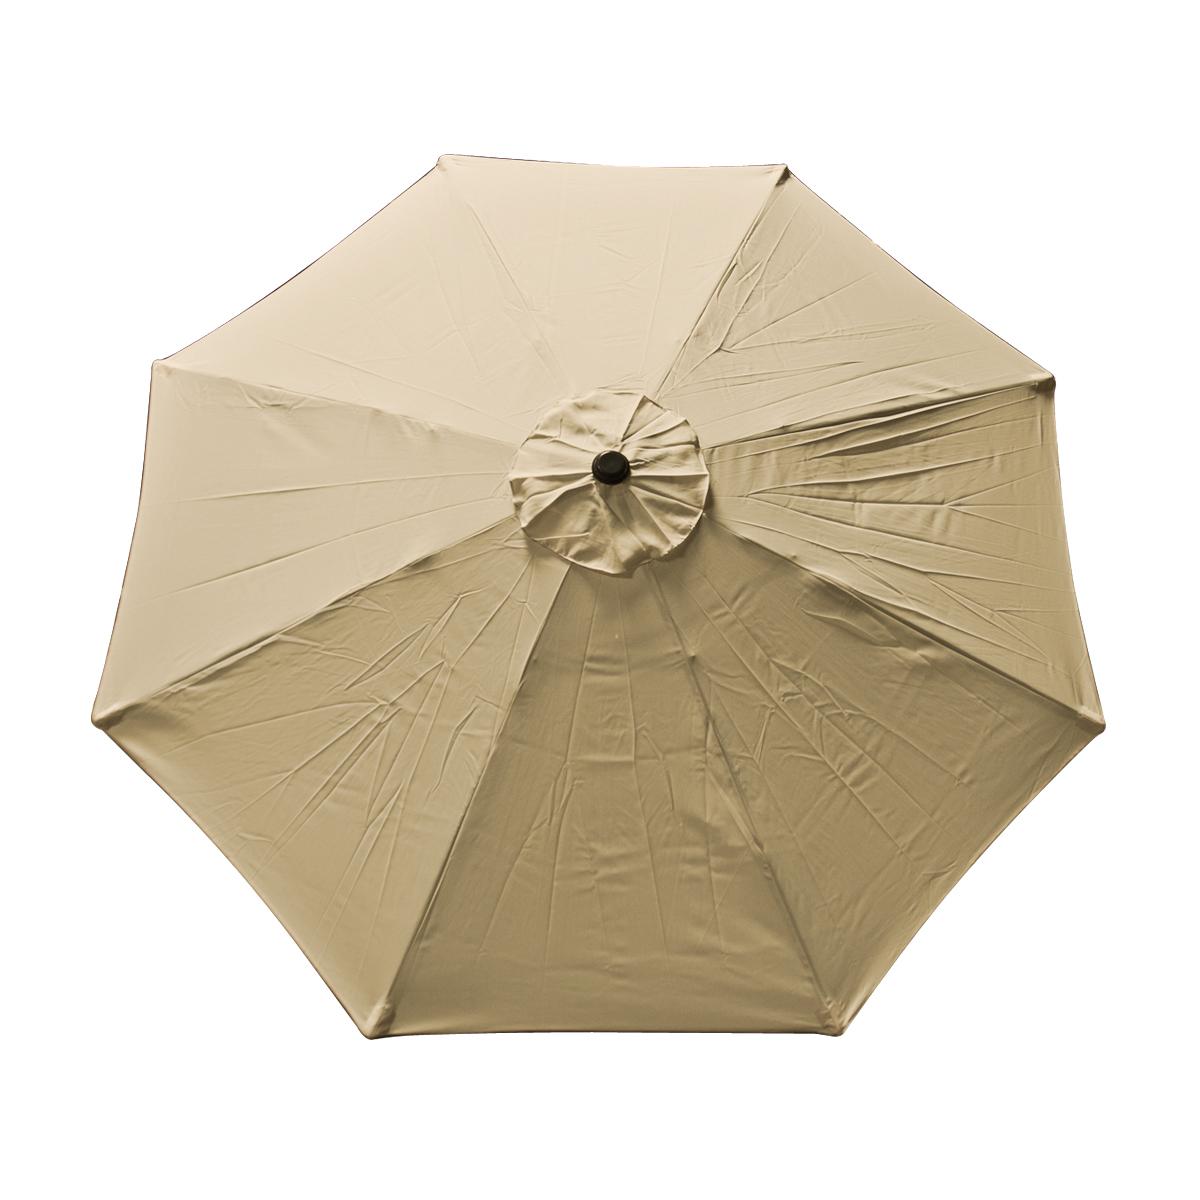 Patio Umbrella Material Replacement